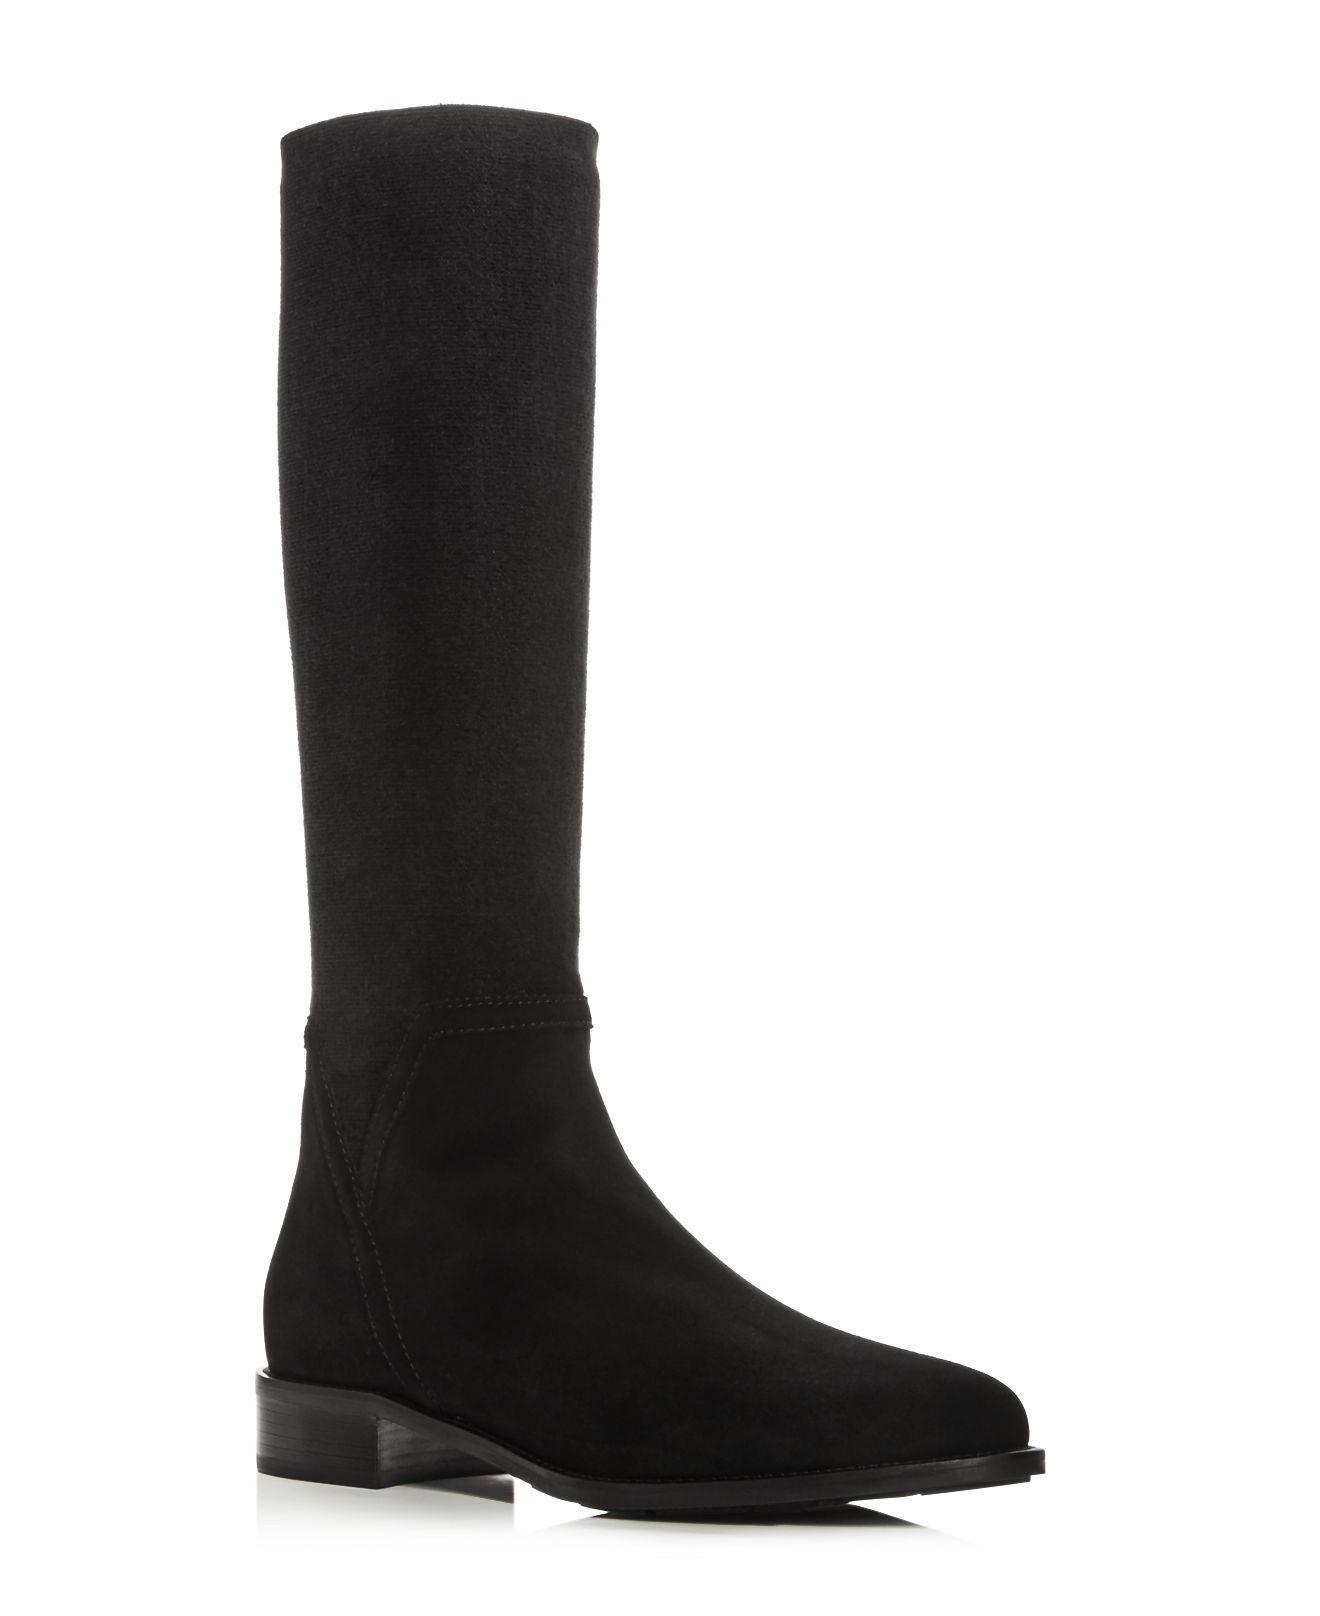 Aquatalia Women S Nicolette Weatherproof Suede Tall Boots